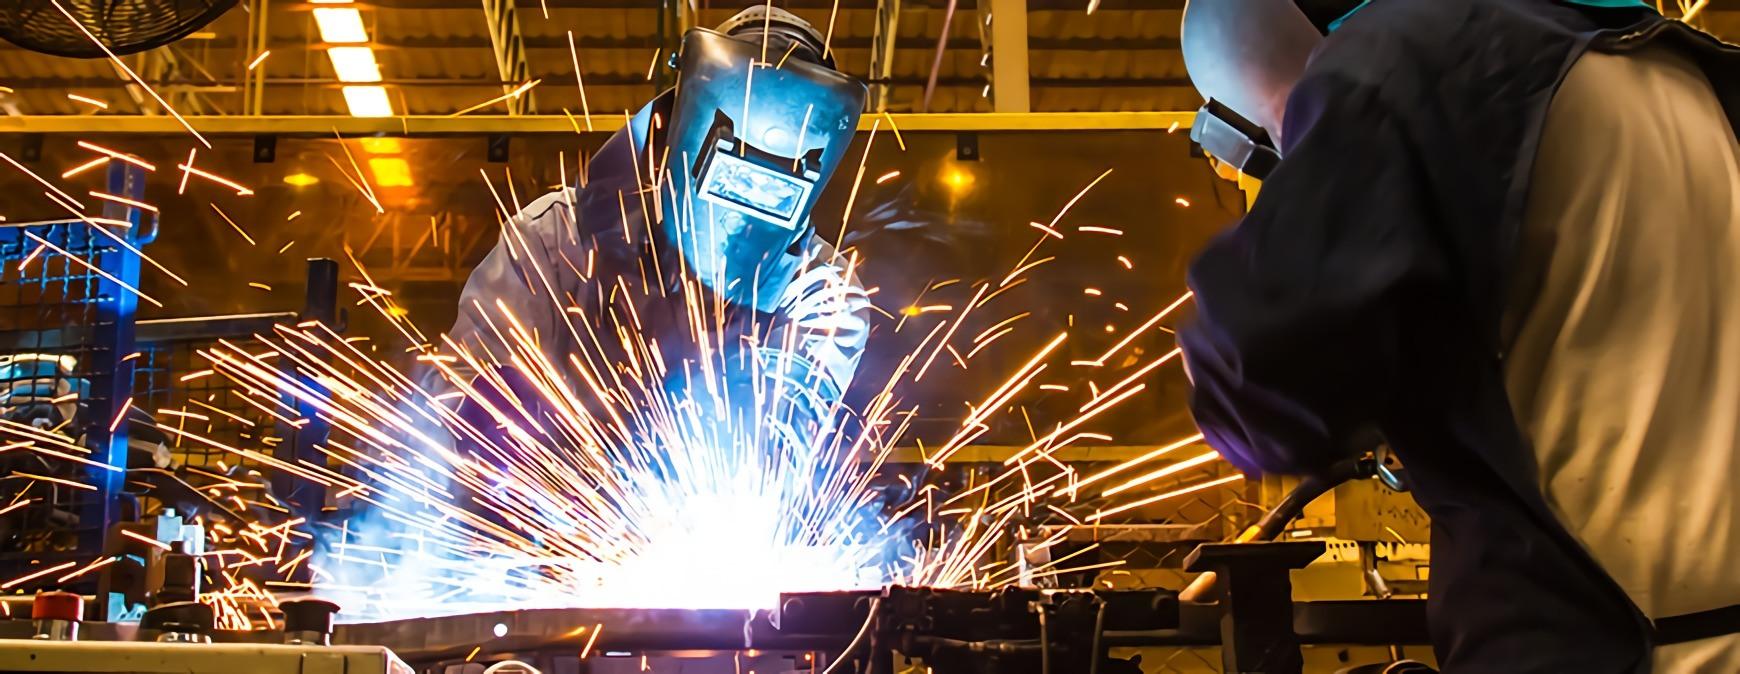 skilled welders